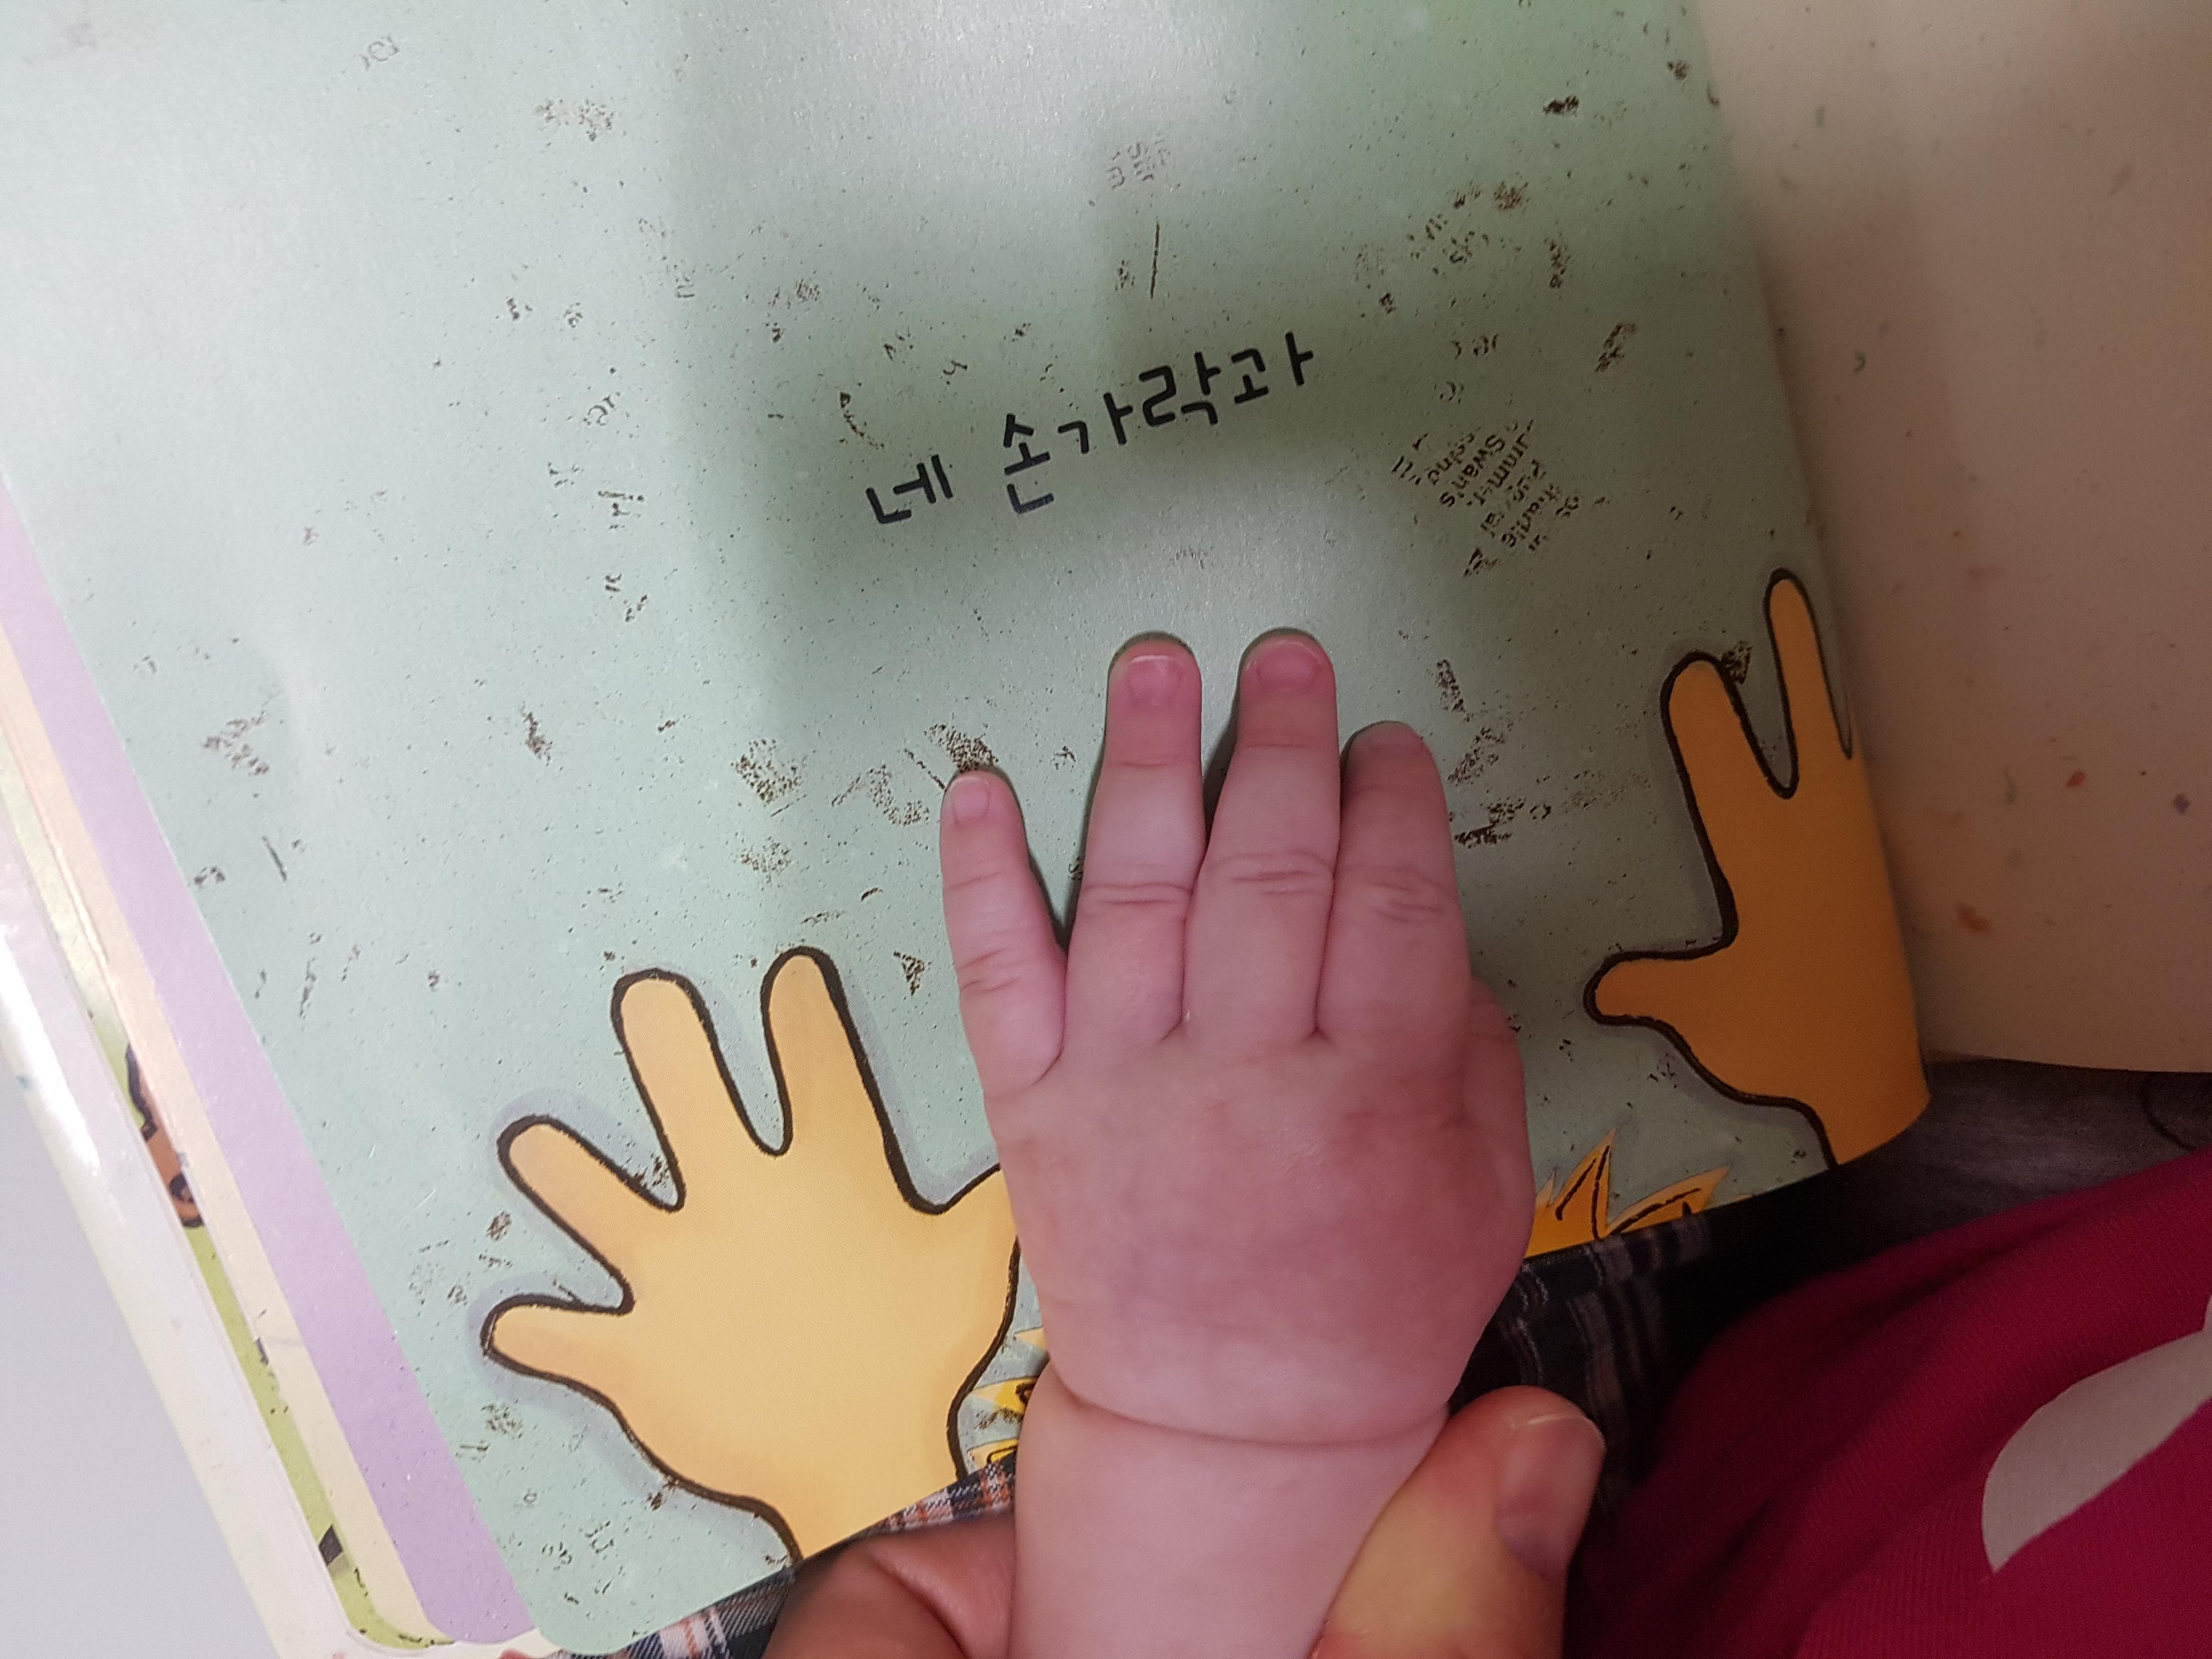 """<사랑해 사랑해 사랑해> 그림책, 6개월 아가의 손과 발/ """"사랑해""""라는 고백"""